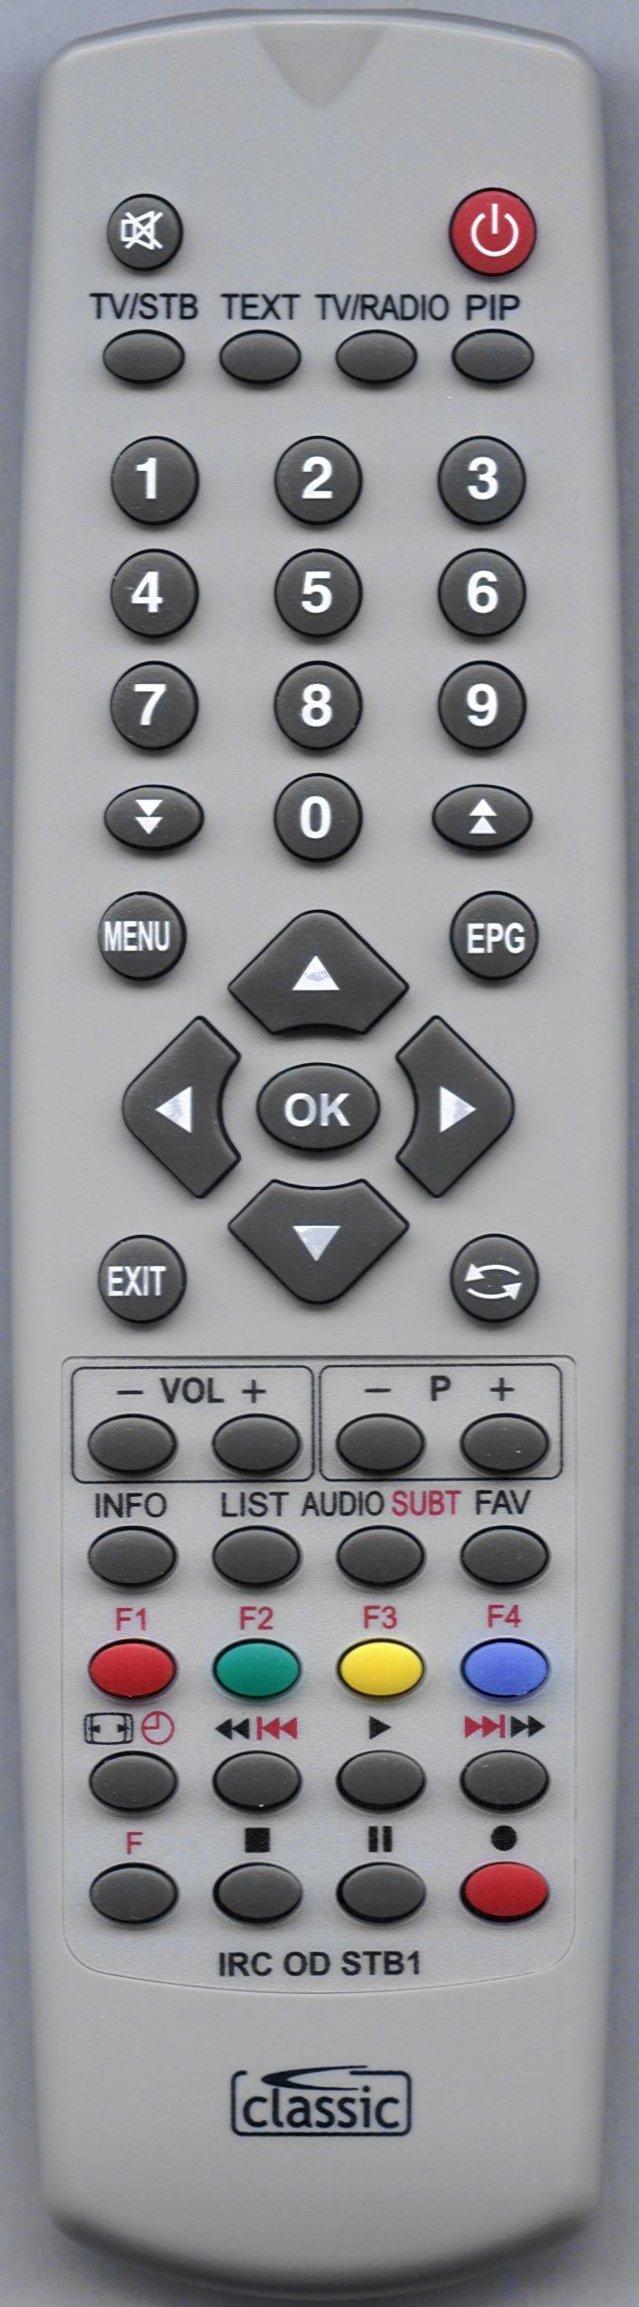 TOPFIELD TF 7700H Remote Control